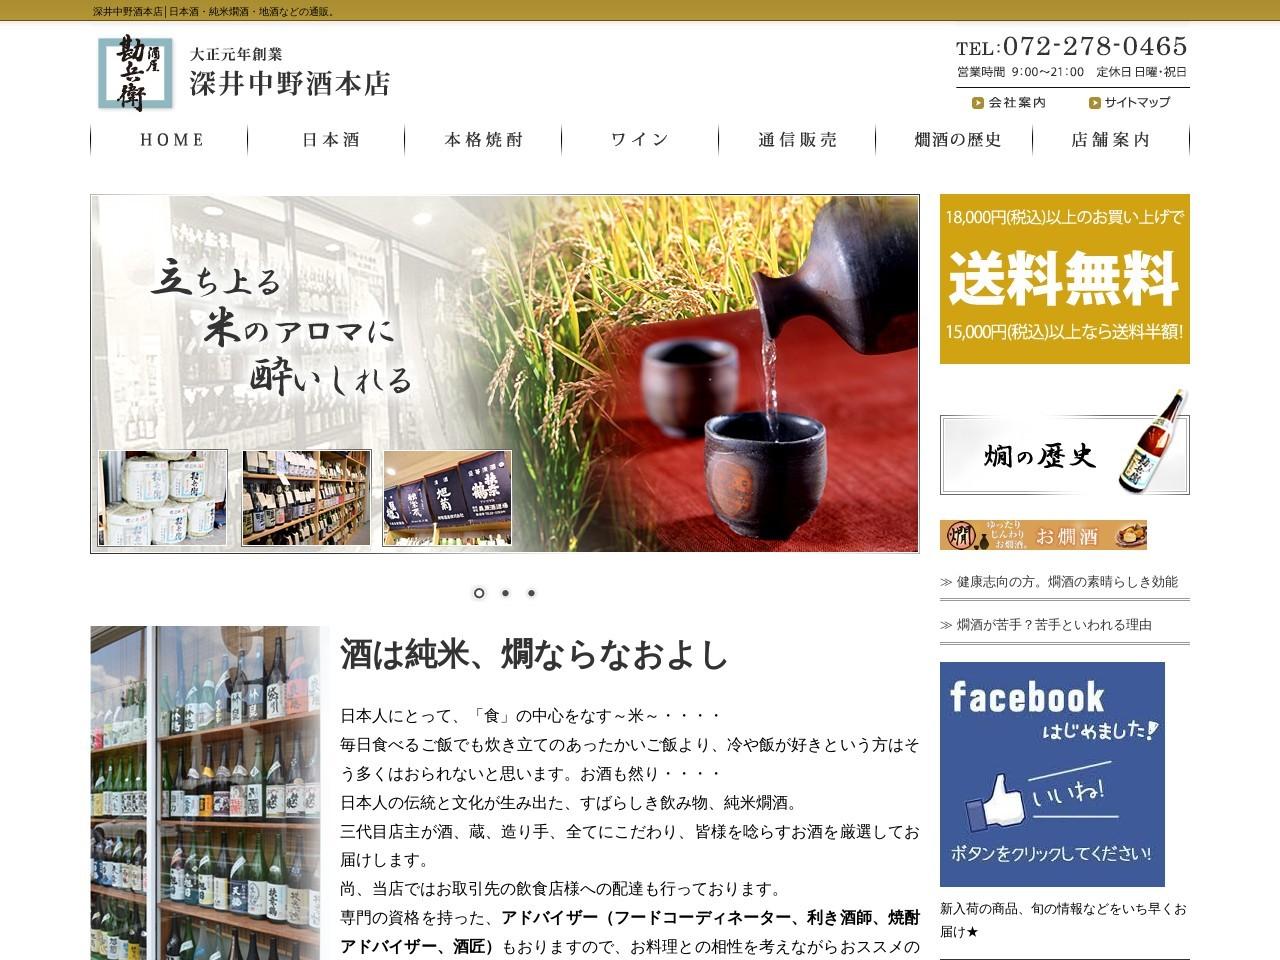 深井中野酒本店│日本酒・純米燗酒・地酒などの通販。